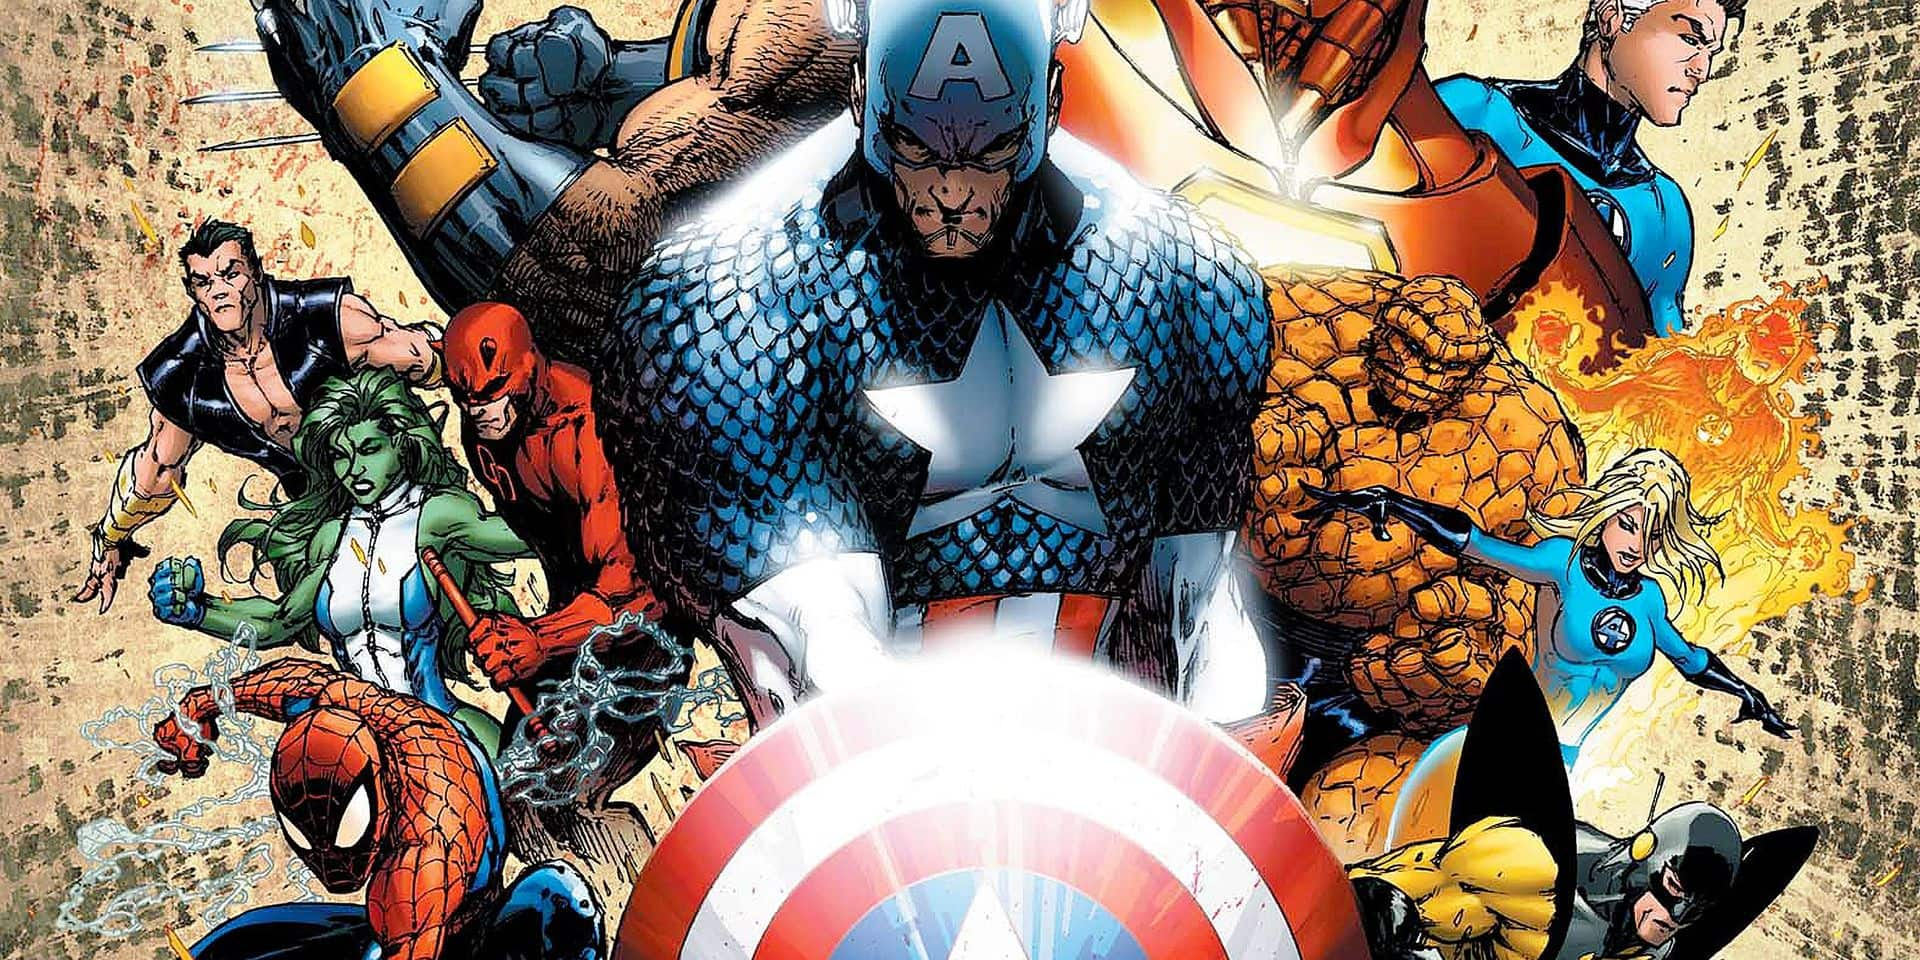 Marvel, un géant surpuissant qui fête ses 80 ans : on retrace, en 5 phases, son histoire chahutée